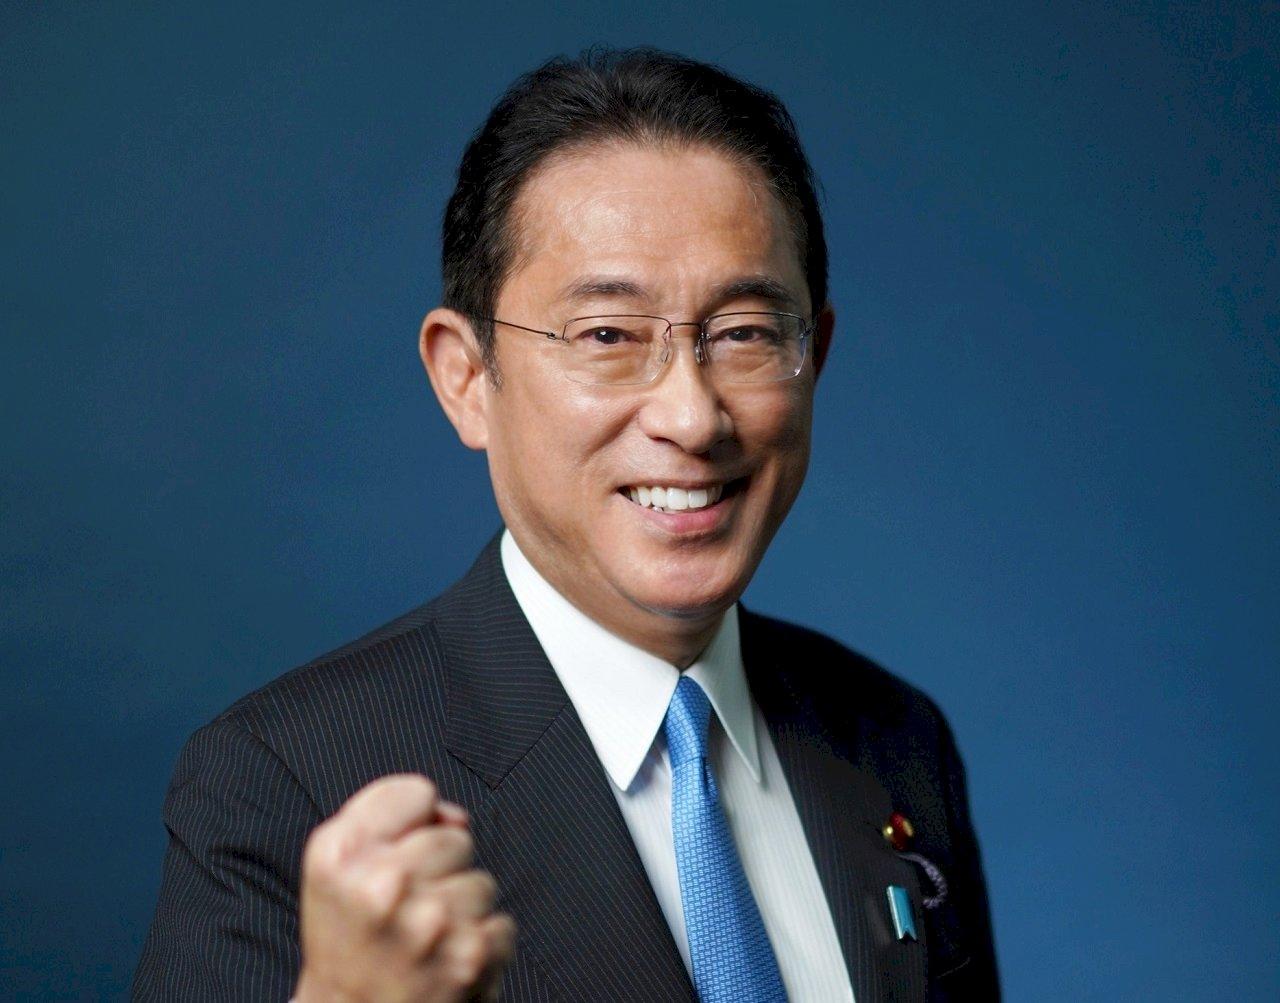 岸田文雄當選總裁 將帶領自民黨投入11月大選選戰